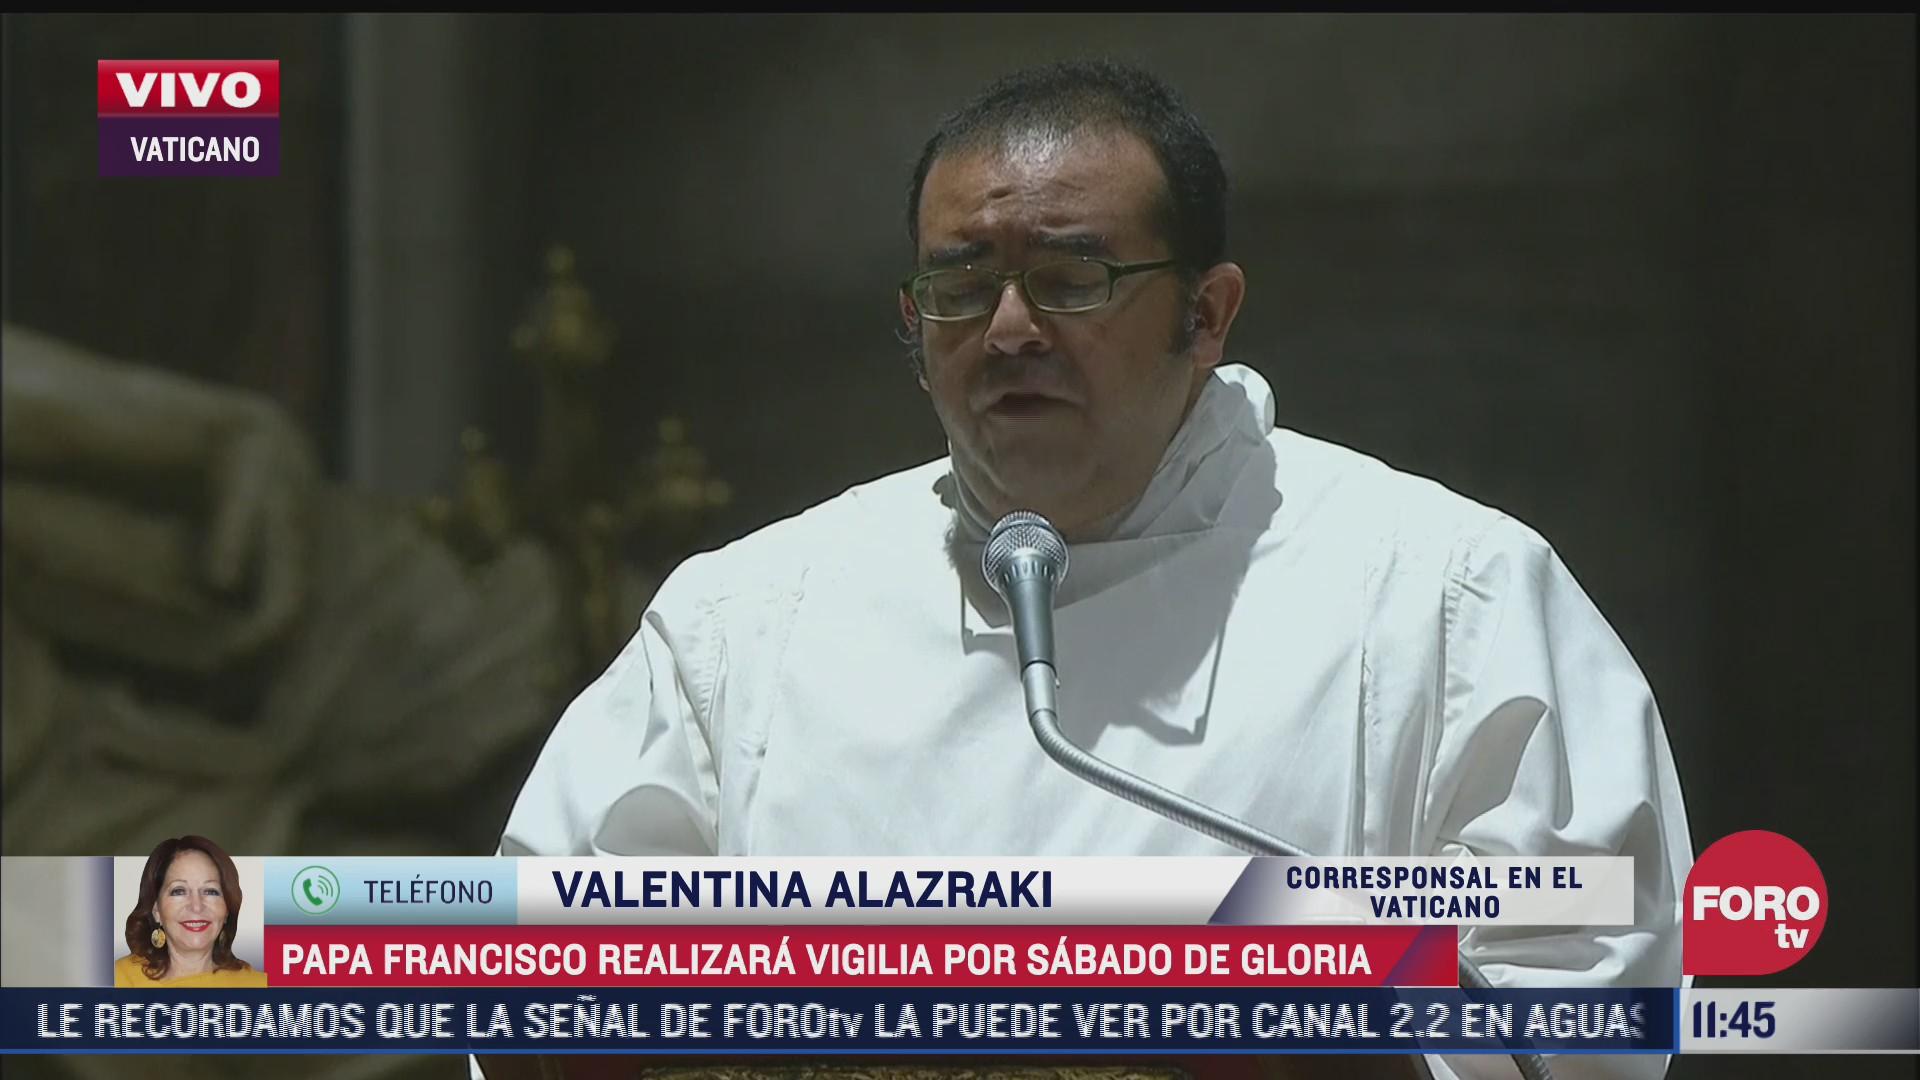 papa francisco realizara vigilia por sabado de gloria